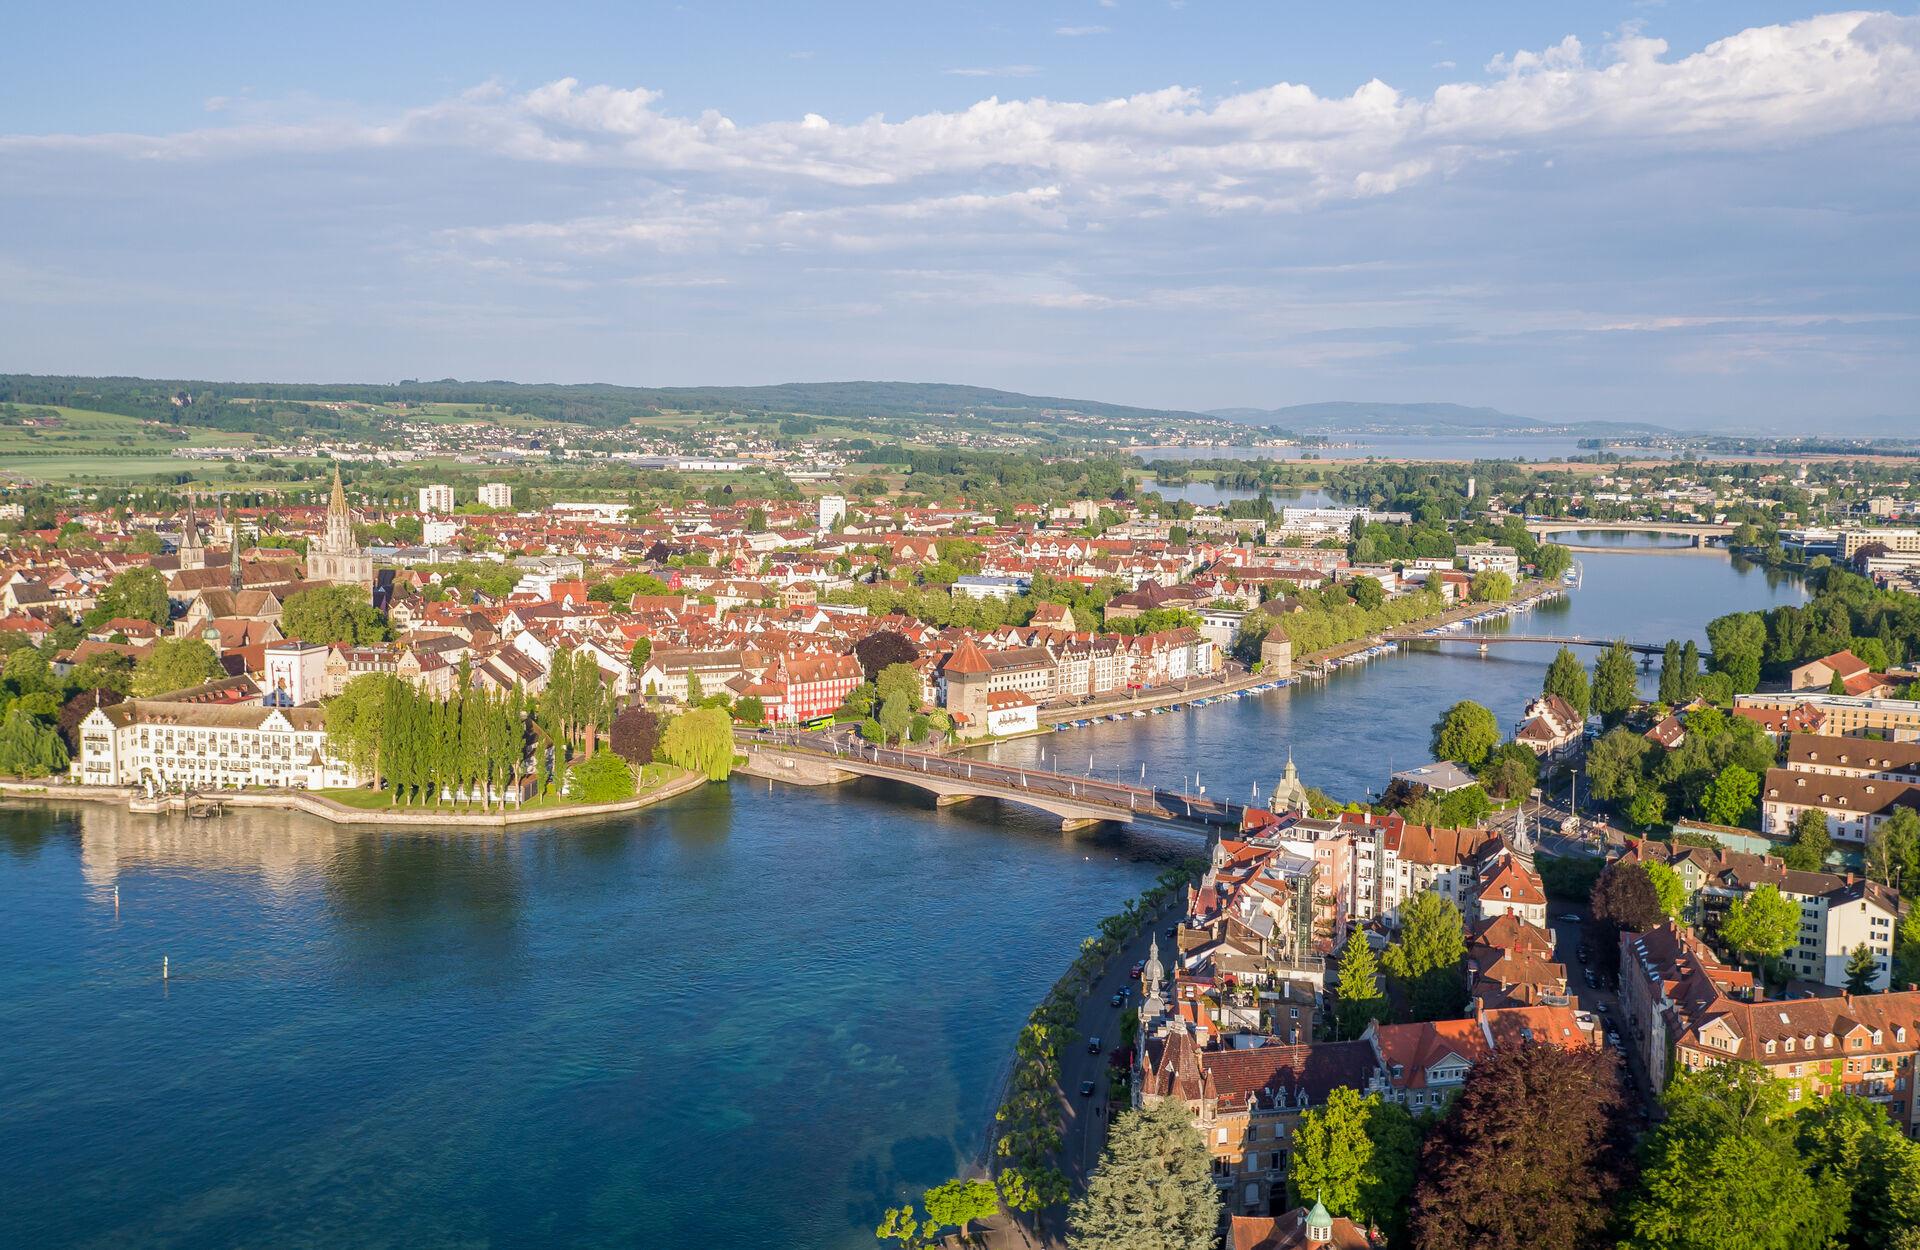 Konstanz-Trichter-Seerhein-Rheinbruecken-Luftaufnahmen-01_Copyright_MTK-Deutschland-abgelichtet-Medienproduktion